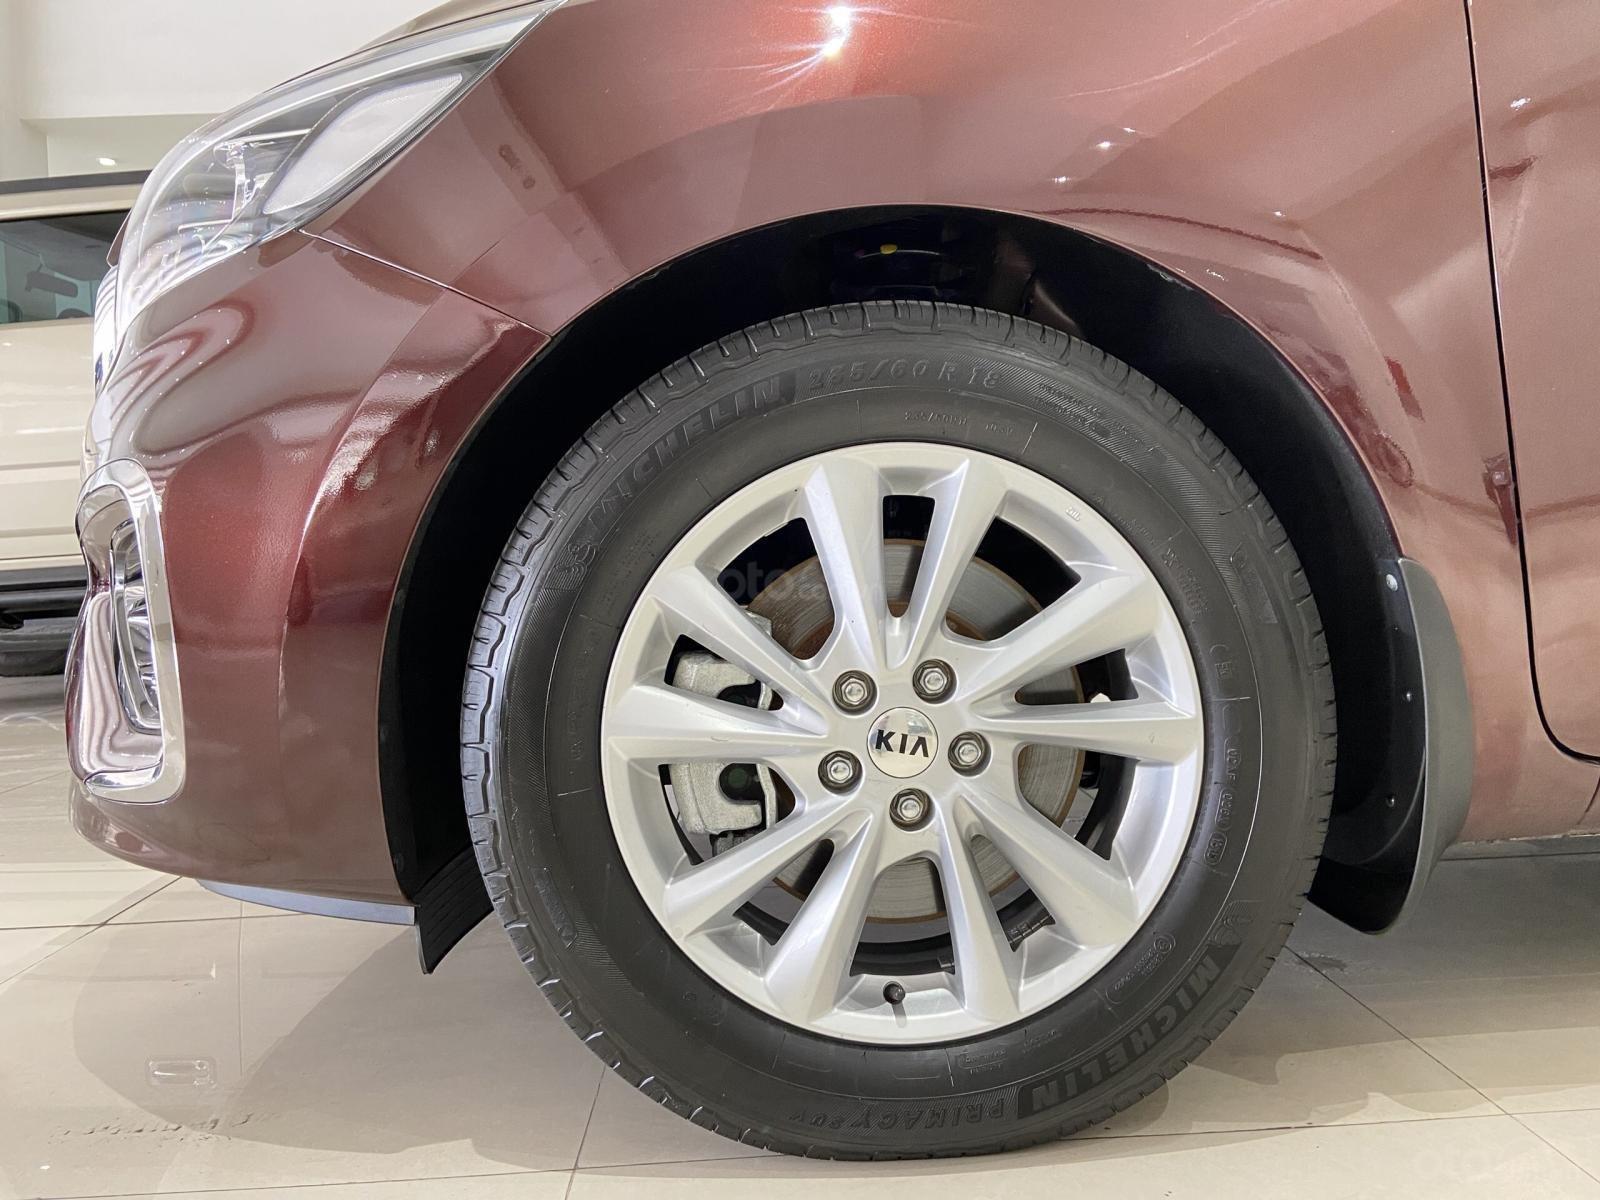 Bán xe Kia Sedona năm 2019, xe màu đỏ, mới đi 19.000km, xe đẹp như mới (15)